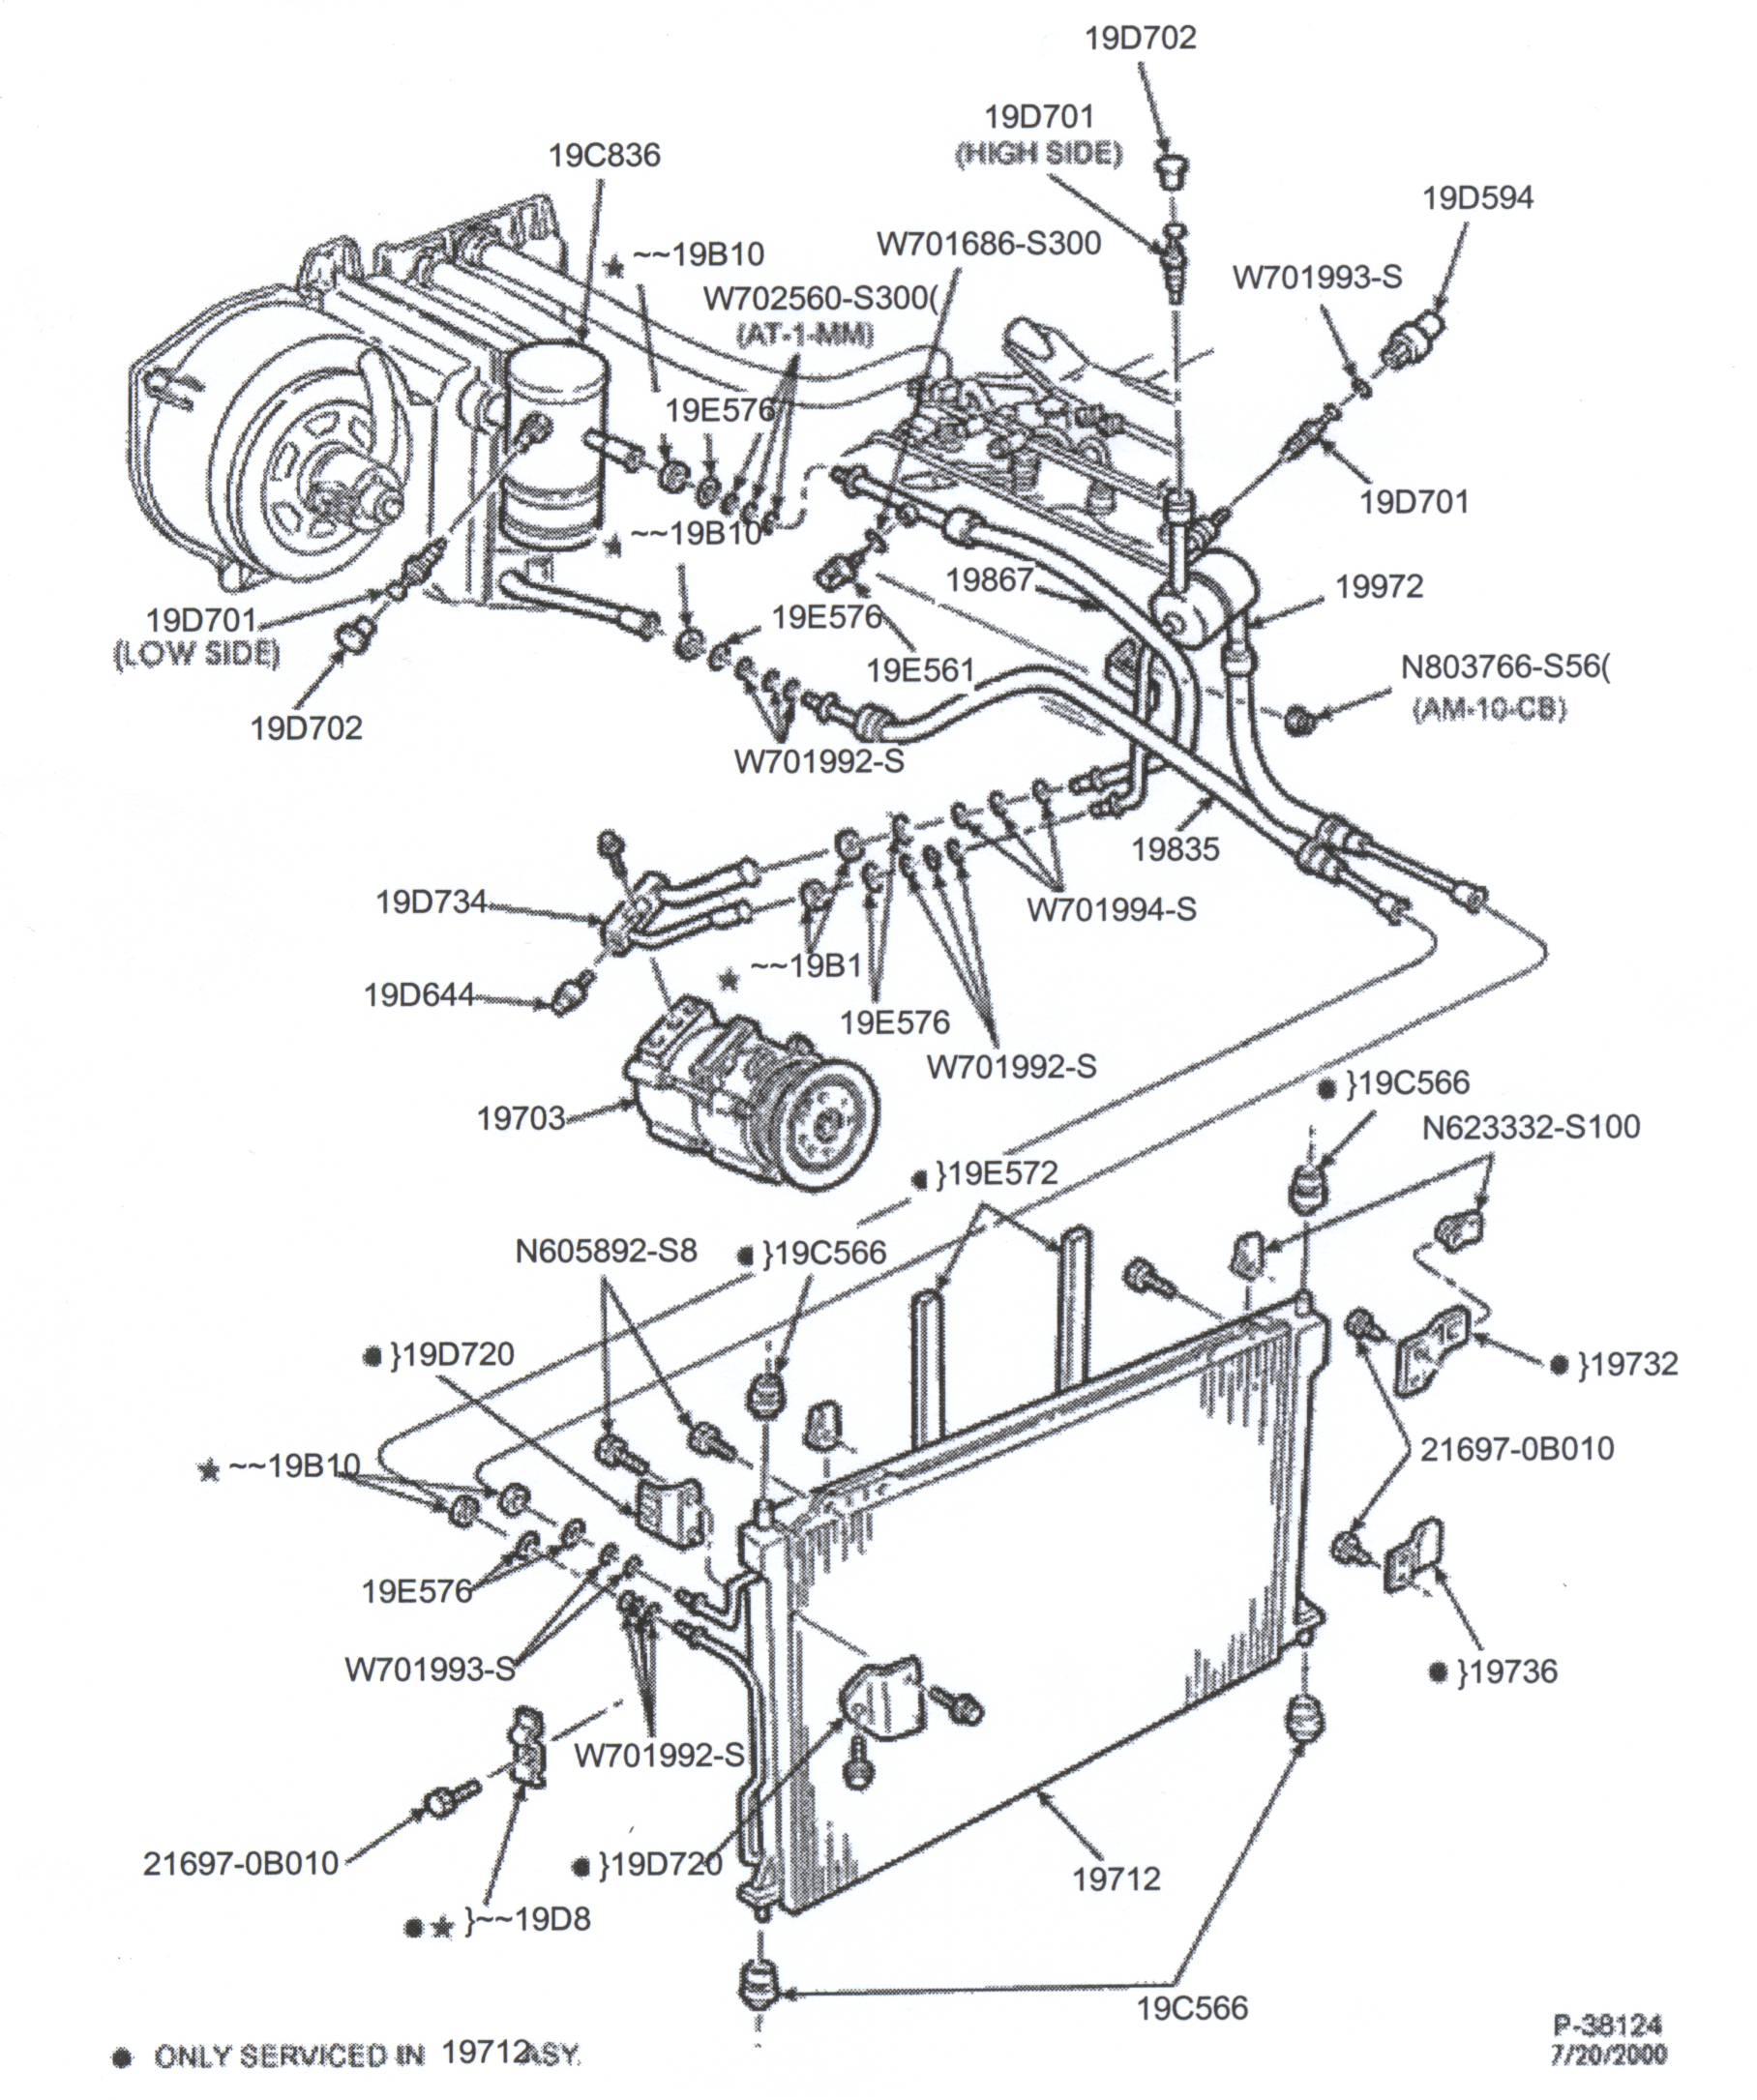 wiring diagram for 2003 mercury marquis eatc